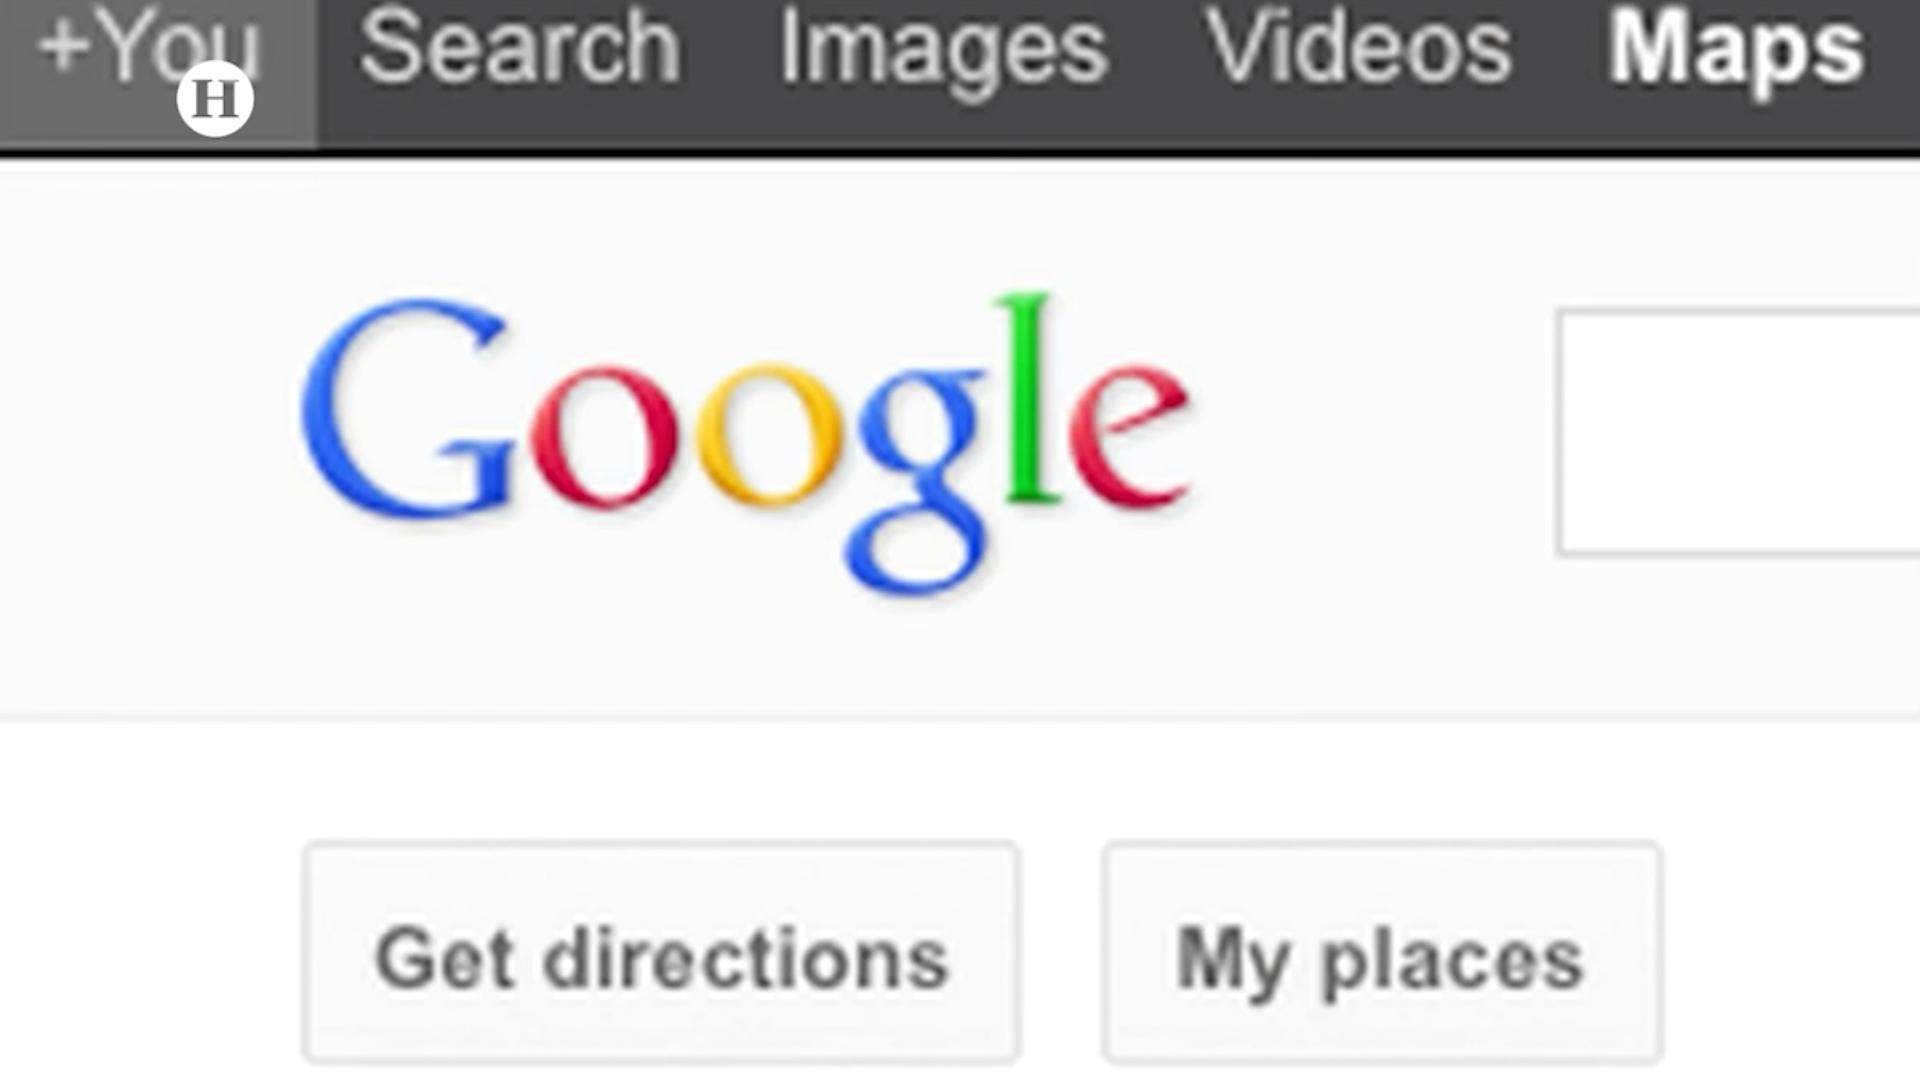 Huachicol es uno de los temas más buscados en Google durante 2019